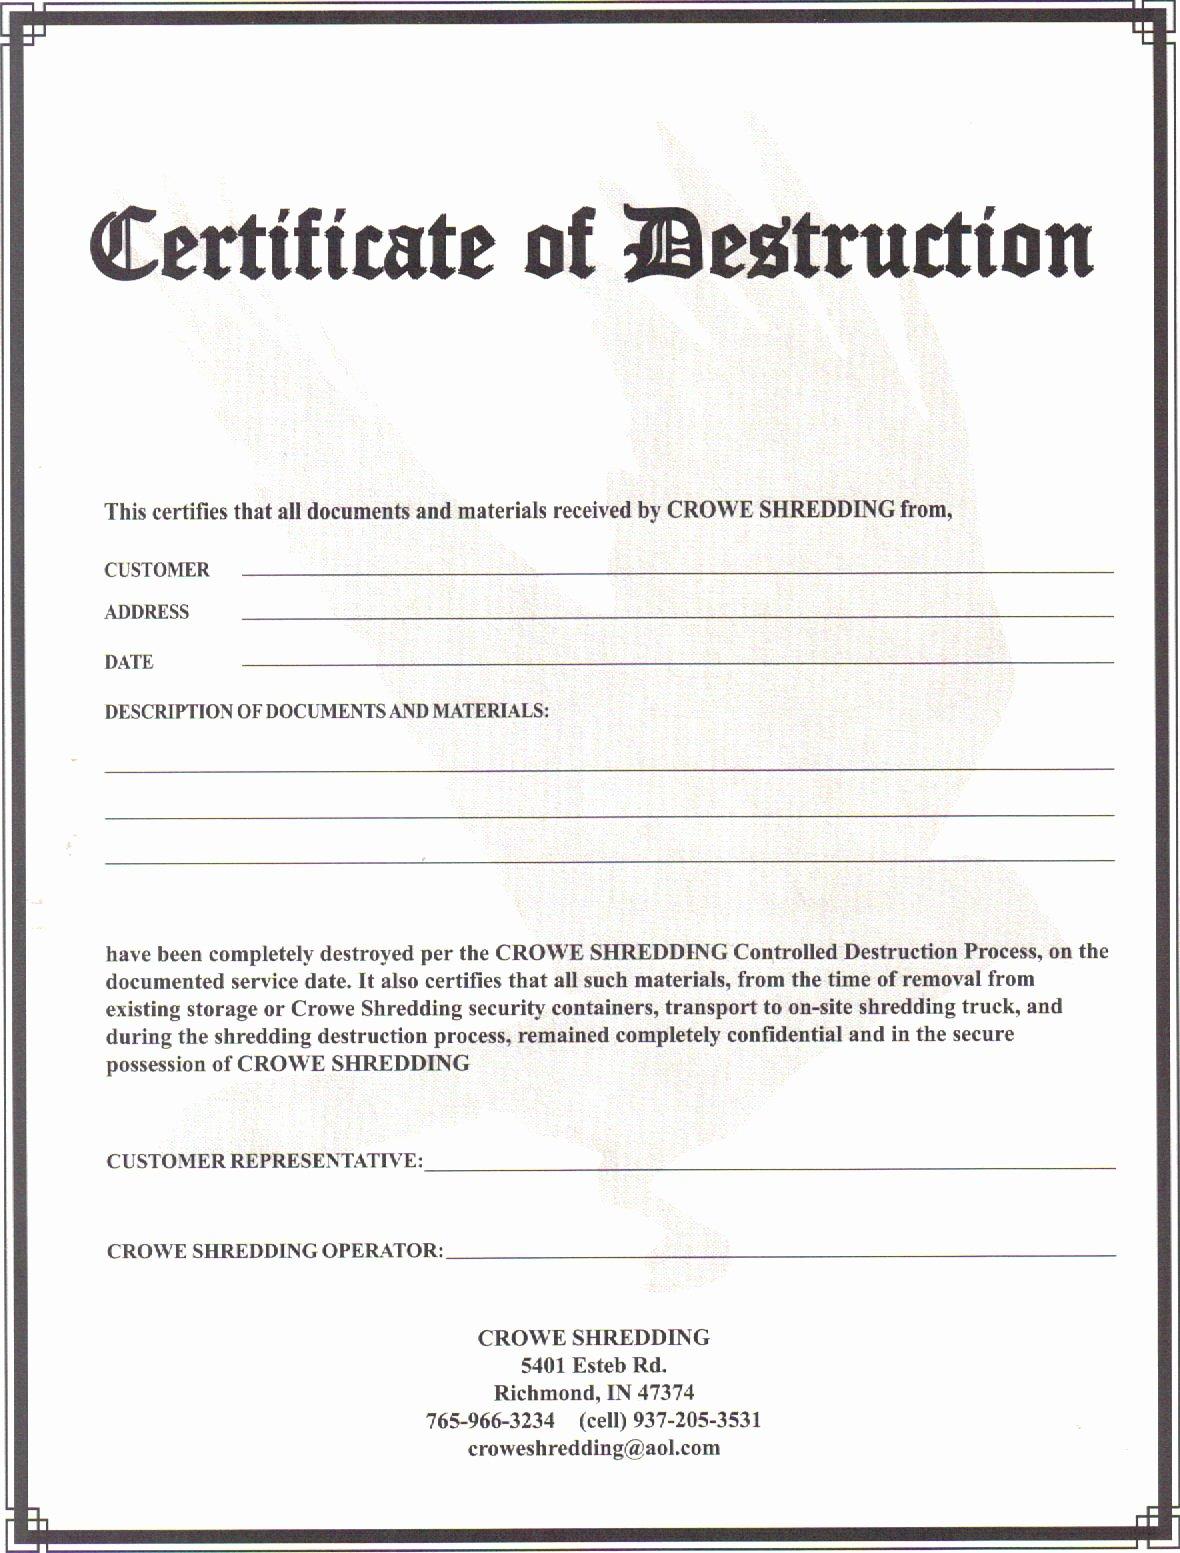 Certificate Of Destruction Template Unique Certificate Of Destruction 2011 Crowe Shredding